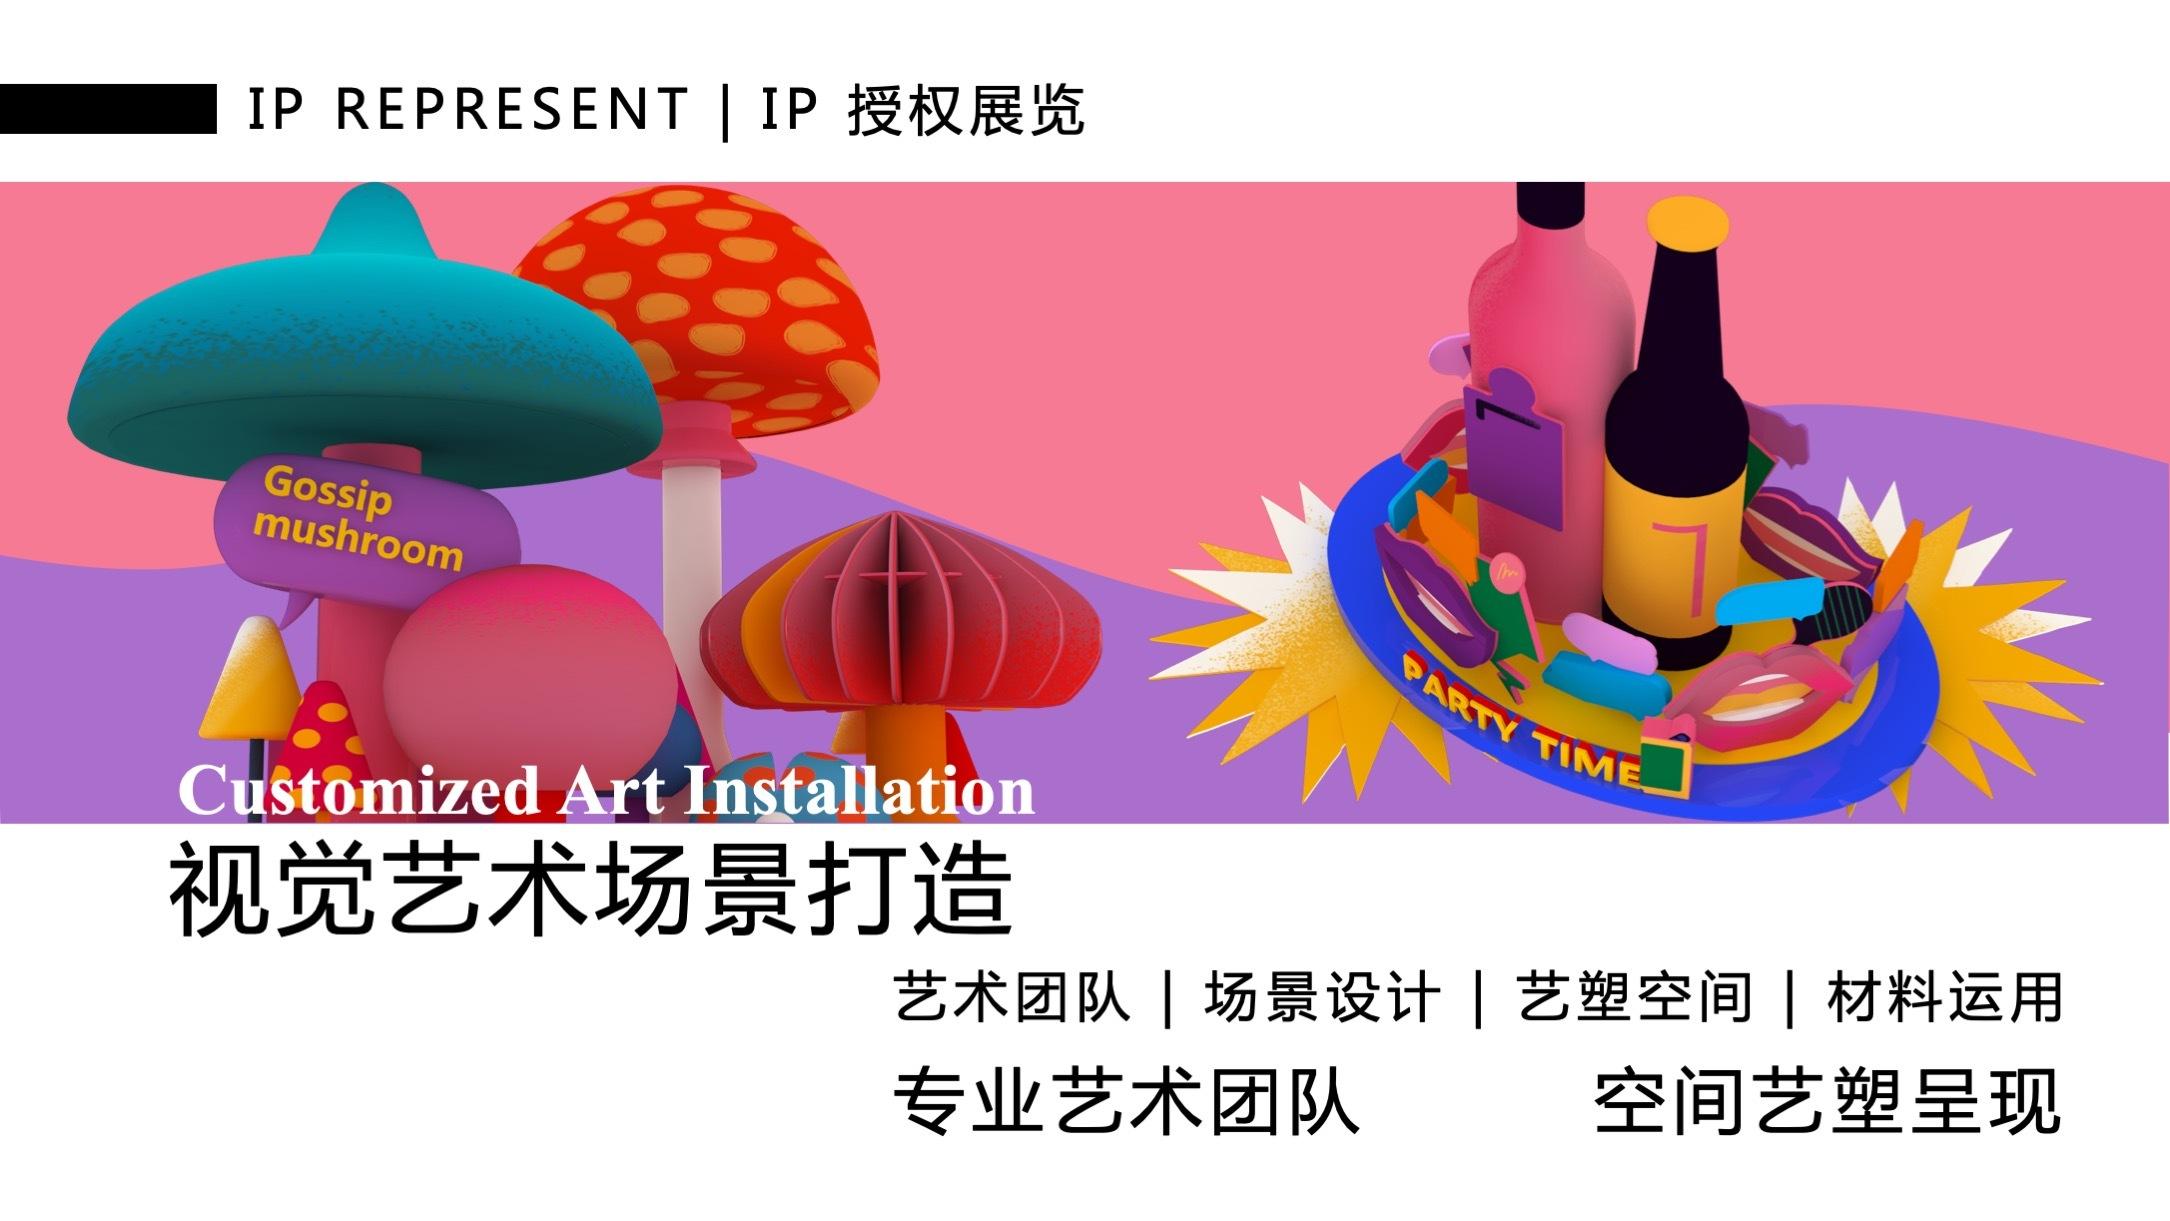 【繁花蜜语】意大利艺术潮流插画艺术家IP沉浸体验展-感映艺术